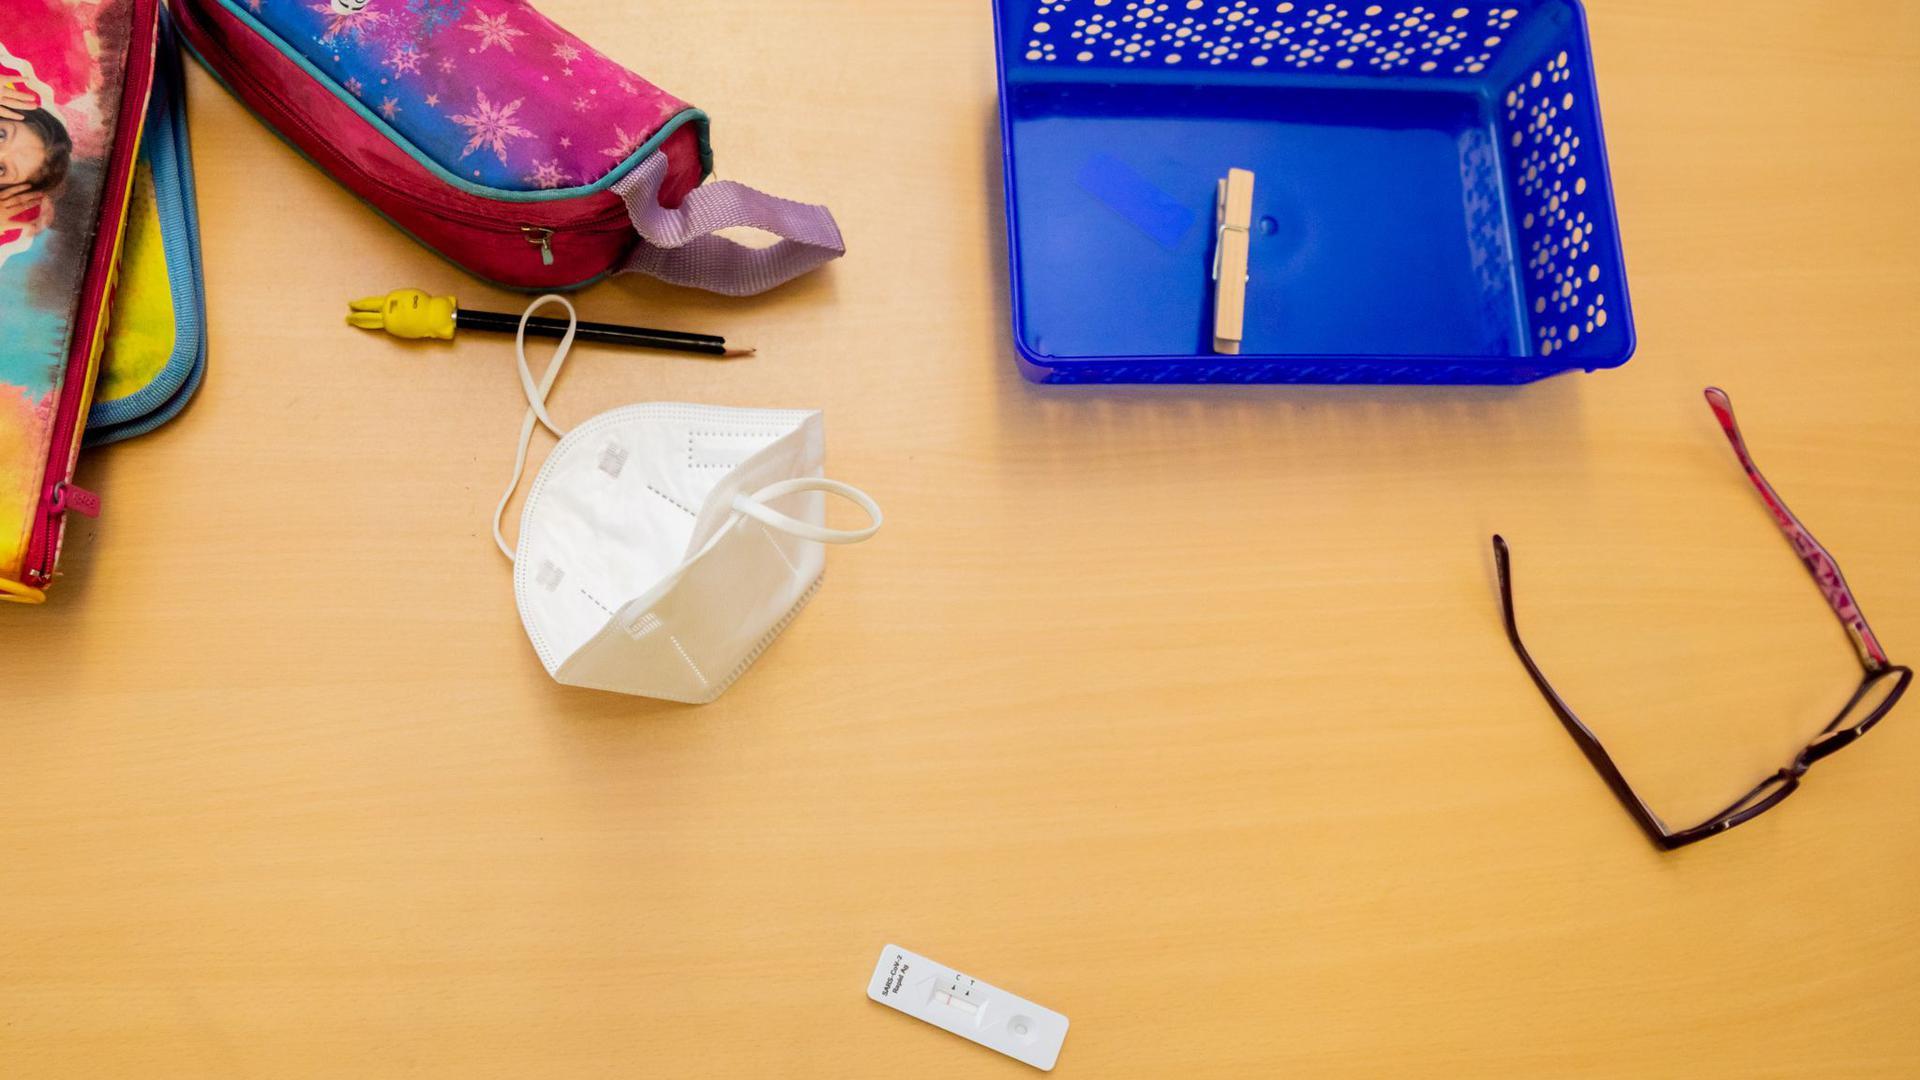 Ein Schnelltest, eine FFP2-Maske sowie andere Utensilien liegen bei einem Probelauf mit Corona-Schnelltests auf einem Schultisch.